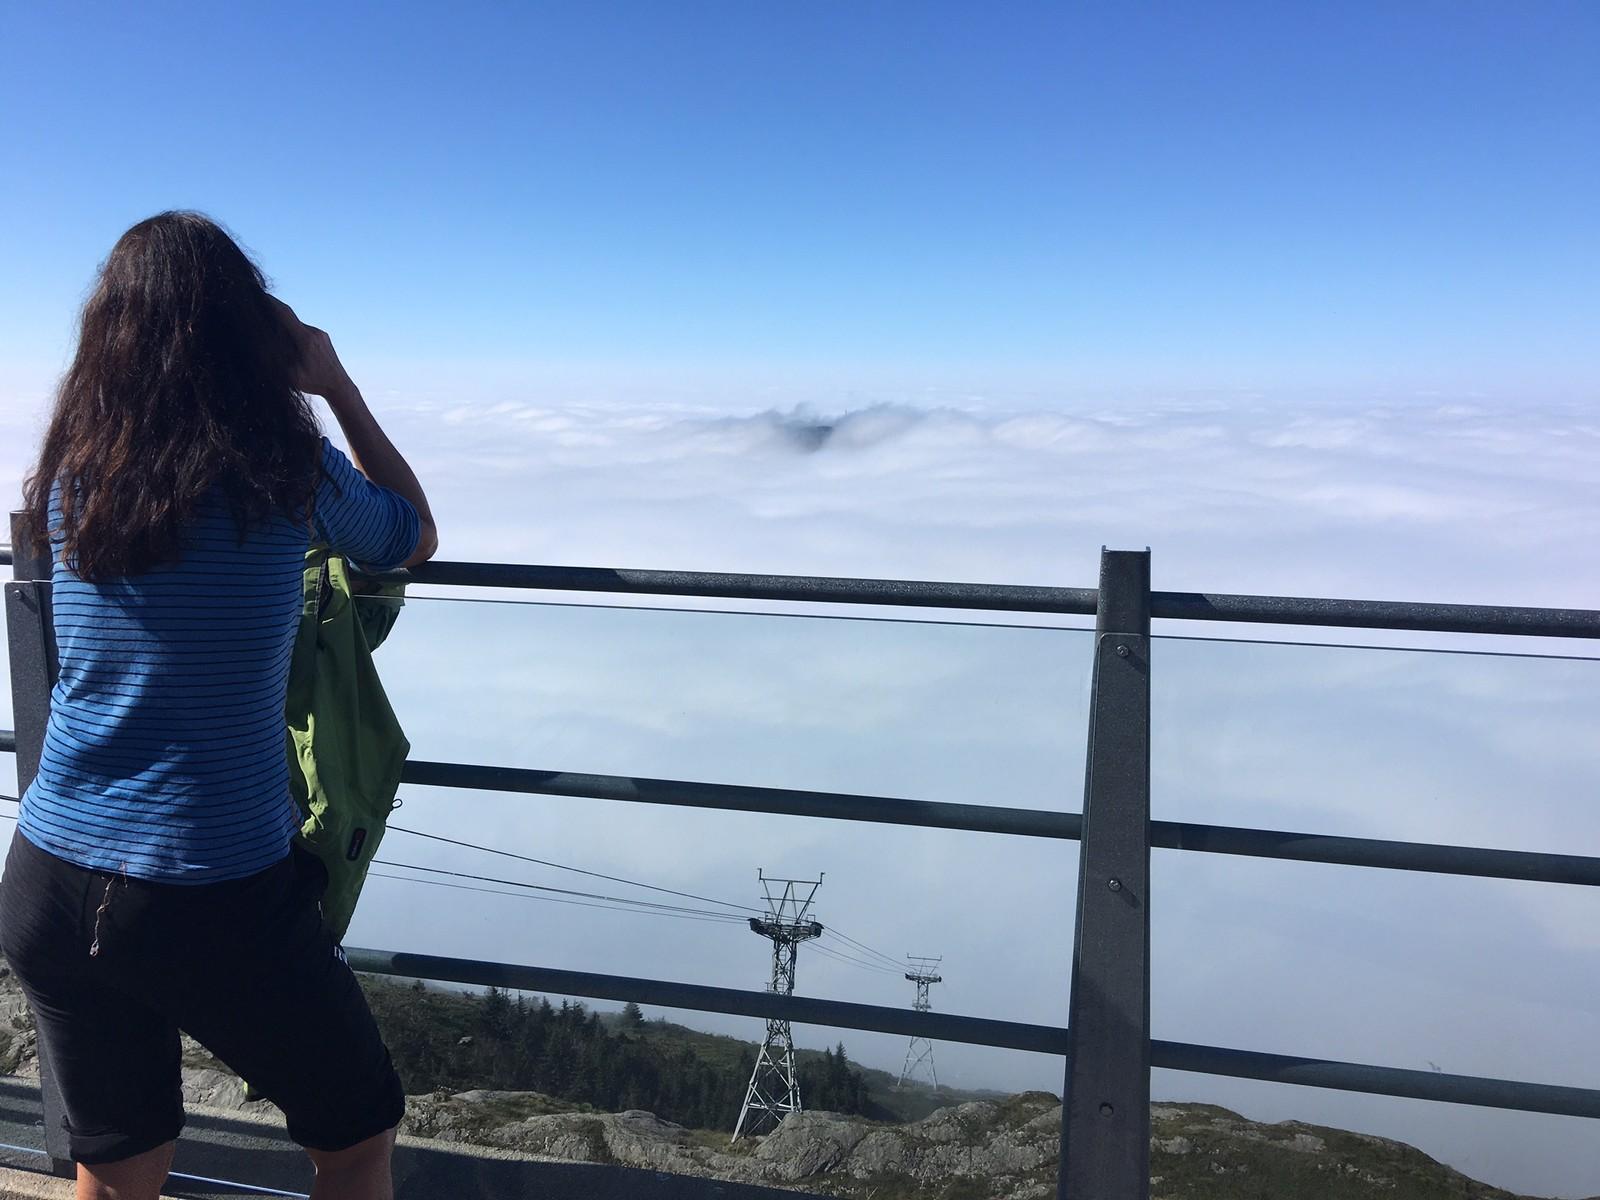 UVANLIG UTSIKT: Det er vanligvis en helt annen utsikt som venter turistene på Ulrikens topp.